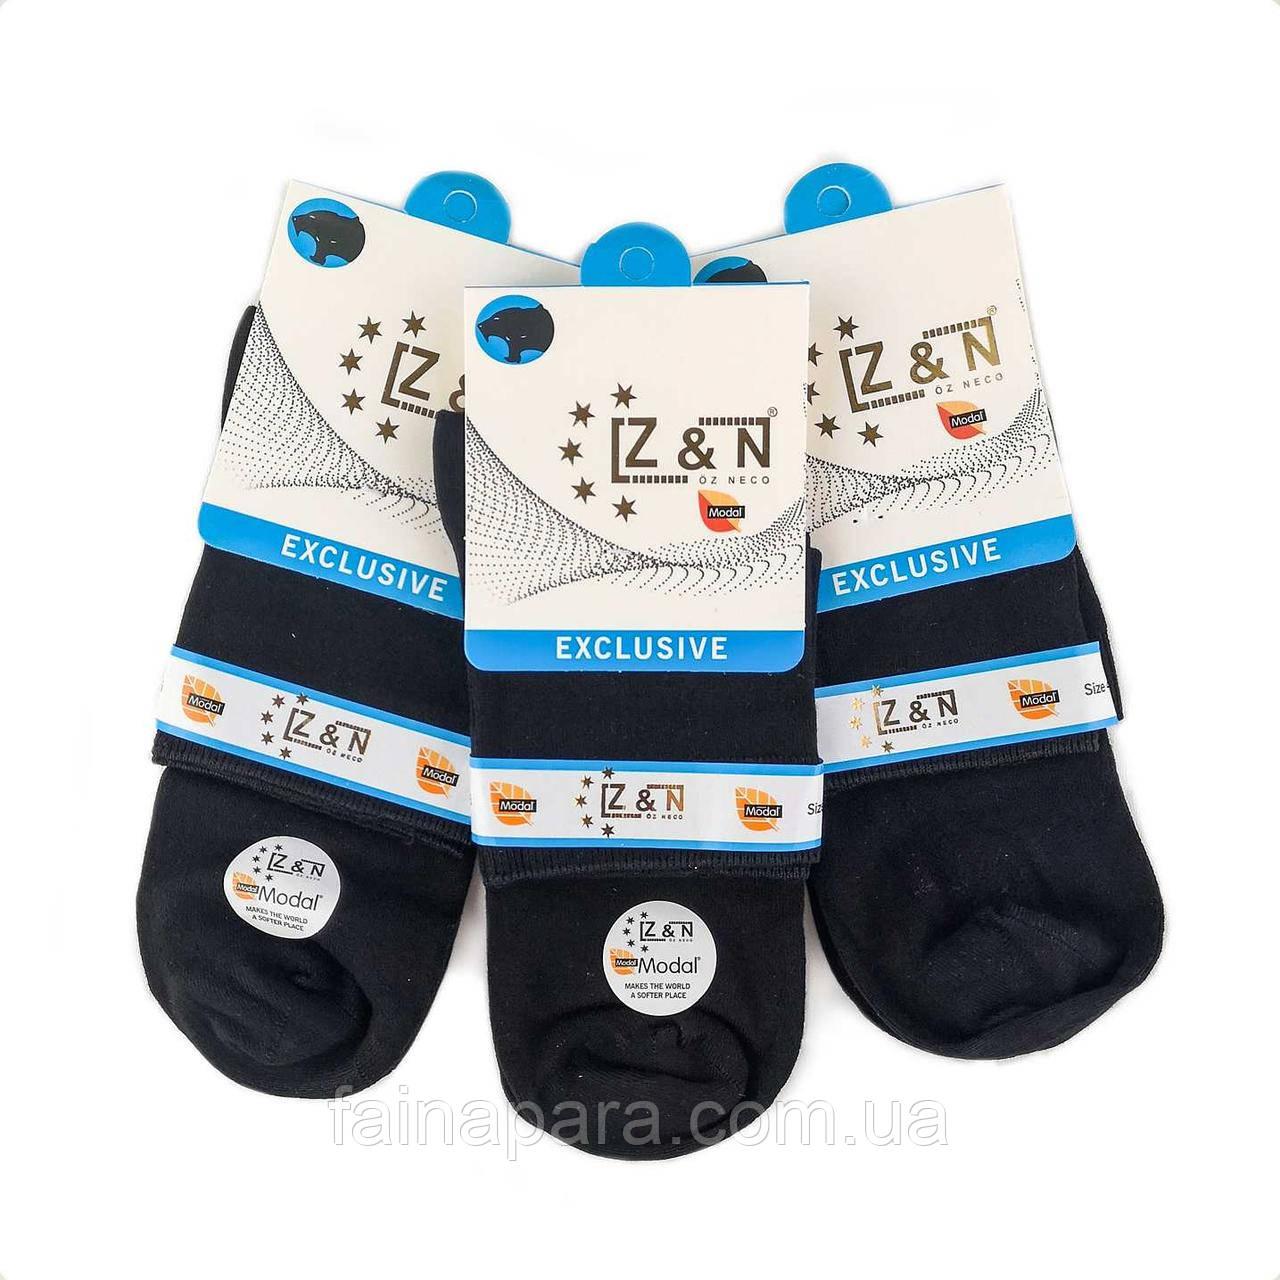 Мужские бесшовные носки Модал черные Z&N Турция